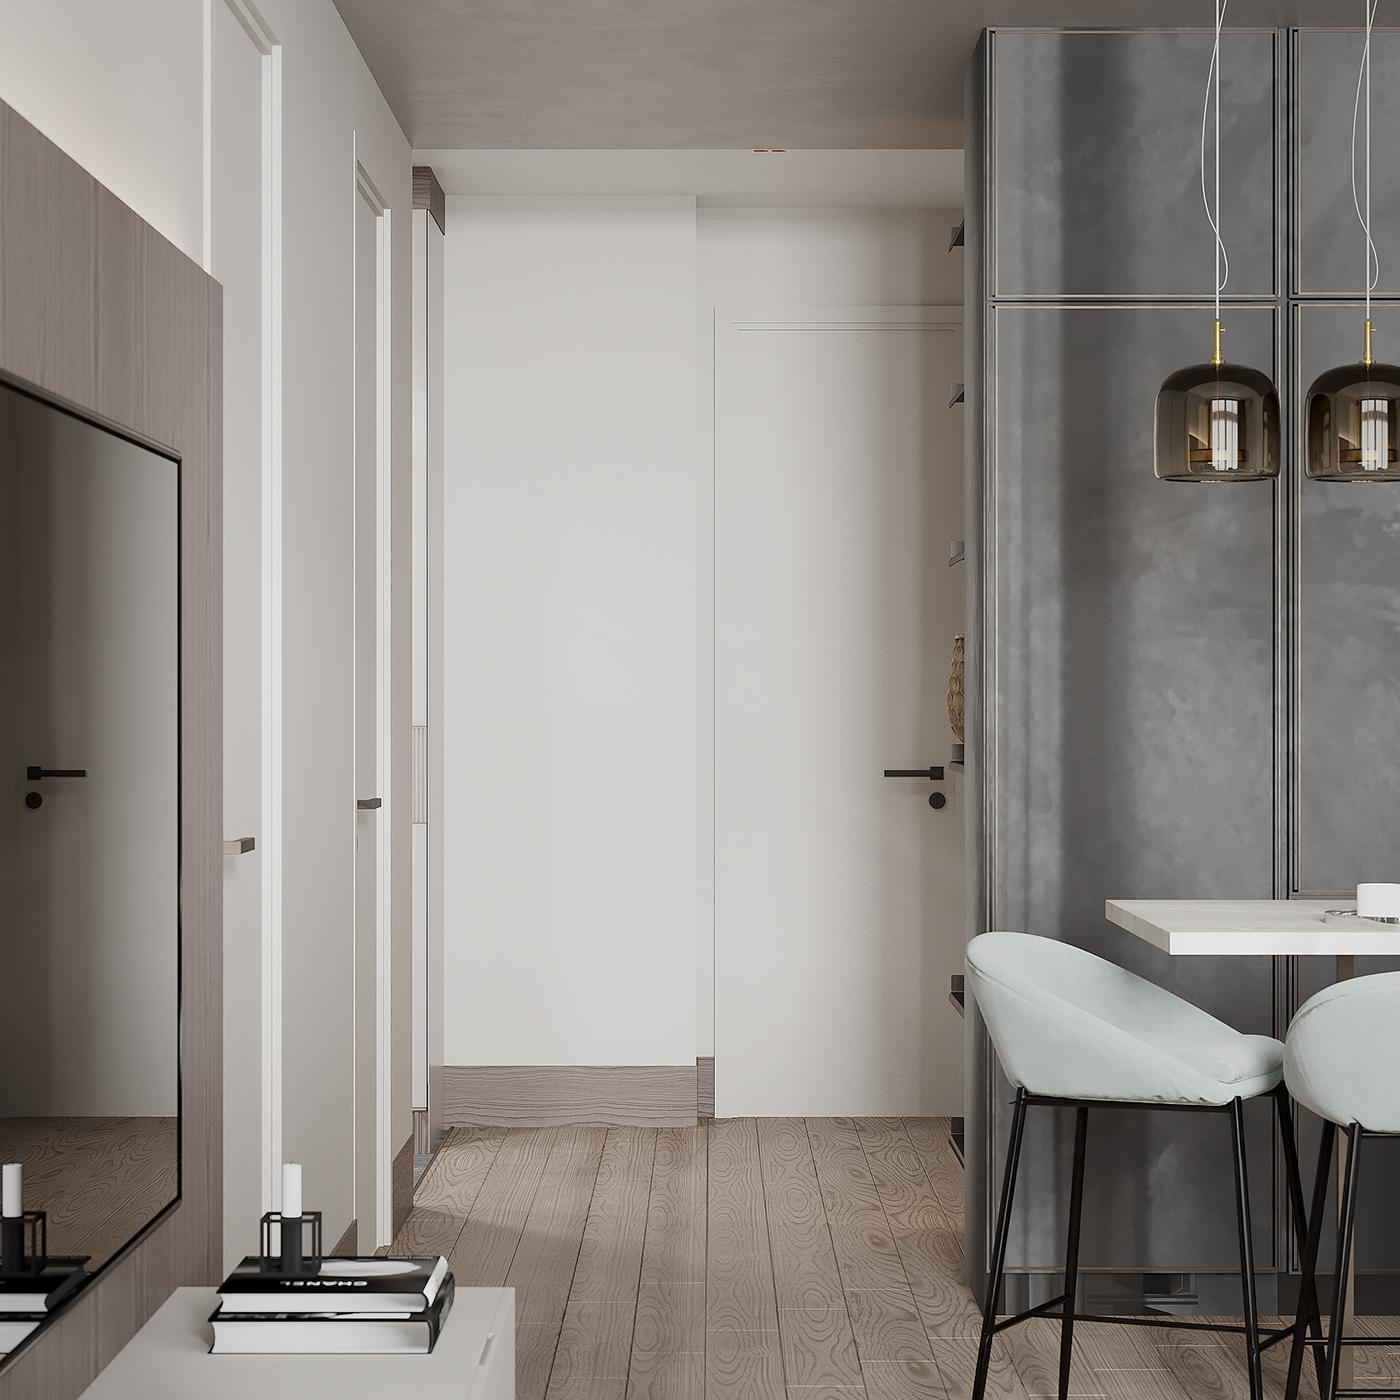 3ds max corona render  Interior interior design  modern design apartment